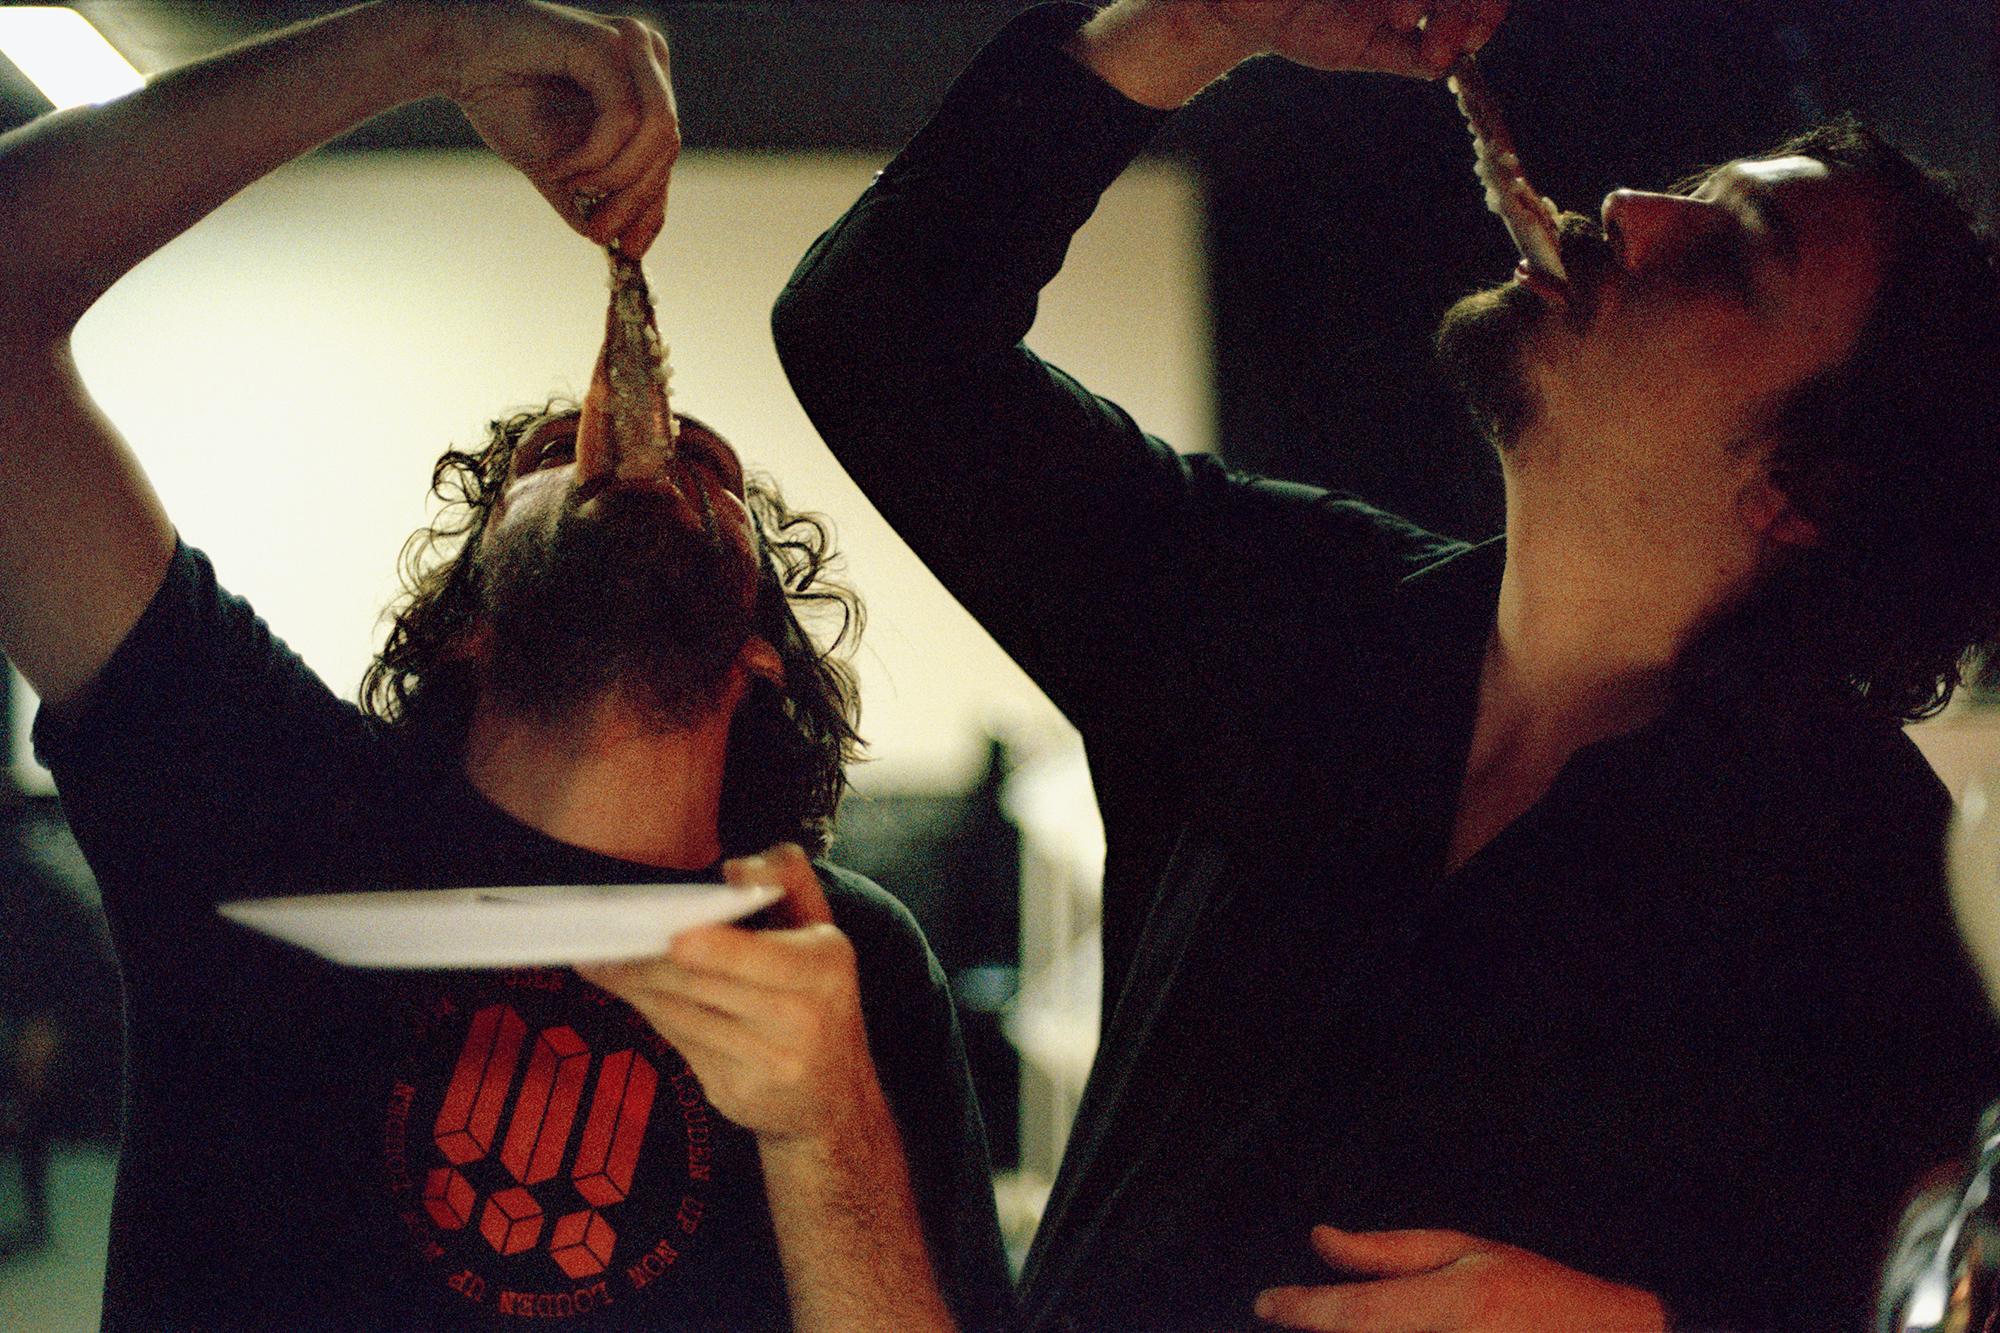 foto van twee mannen die haring eten en deze heel in mond hangen, foto: Annie Hoogendoorn | Daan & Bjorn eating haring (zZz), LVC Leiden, dec 2005